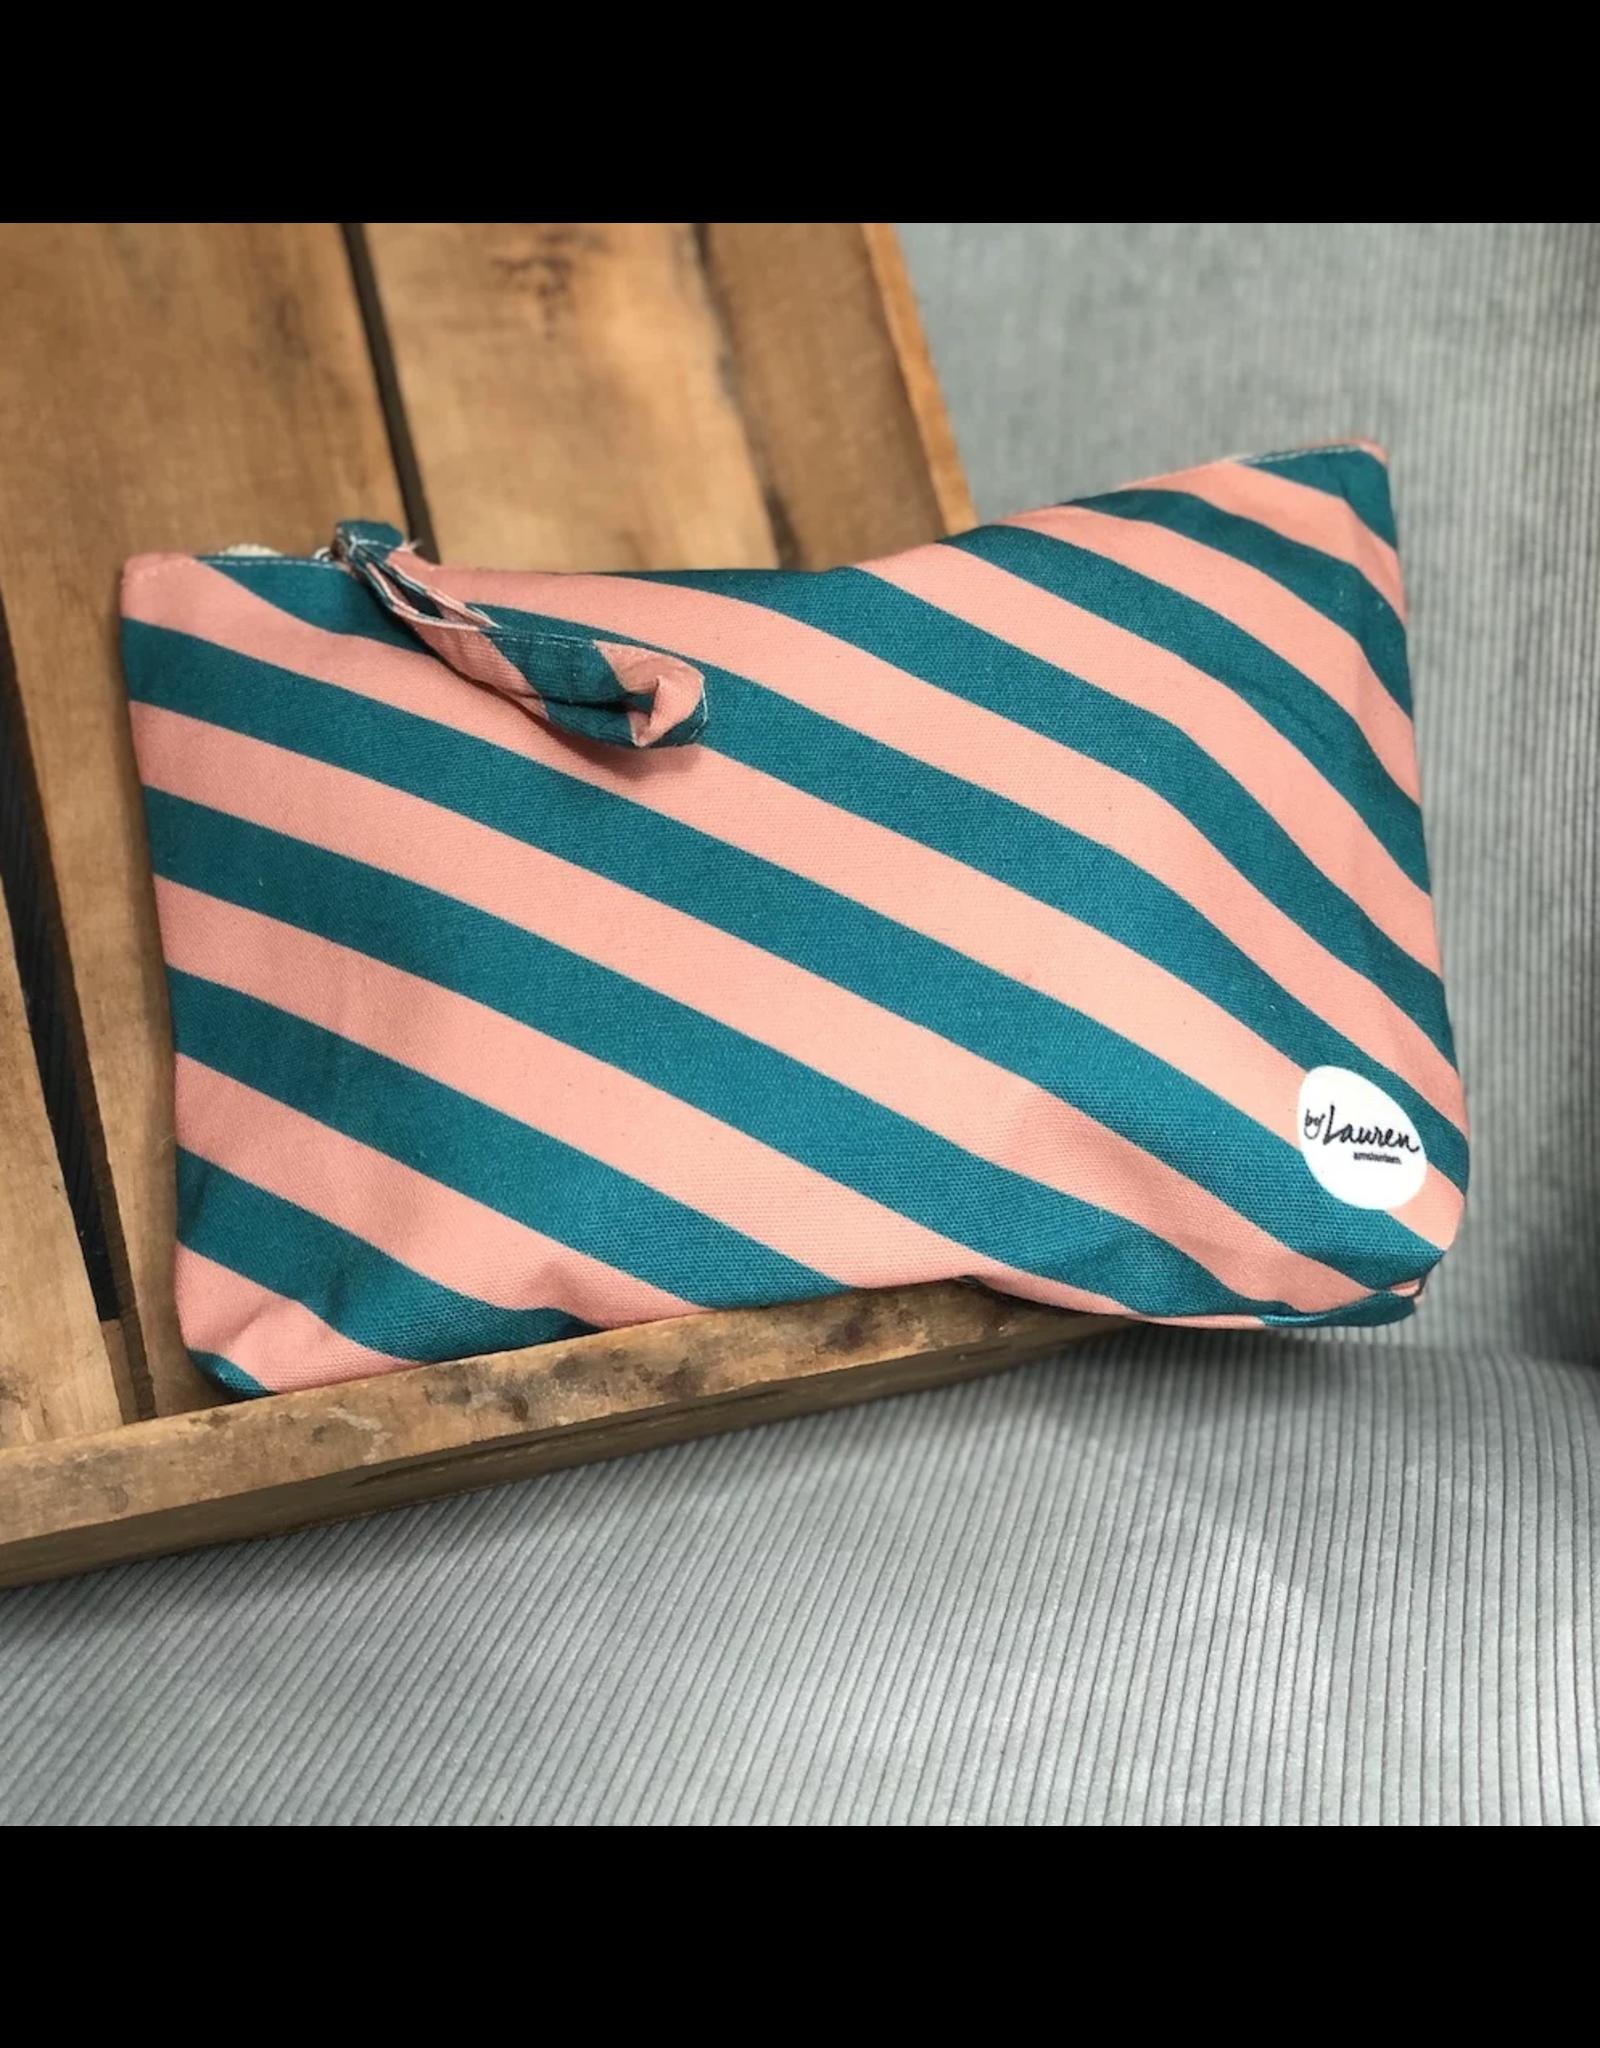 Etui/toiletzak gestreept turquoise/roze klein